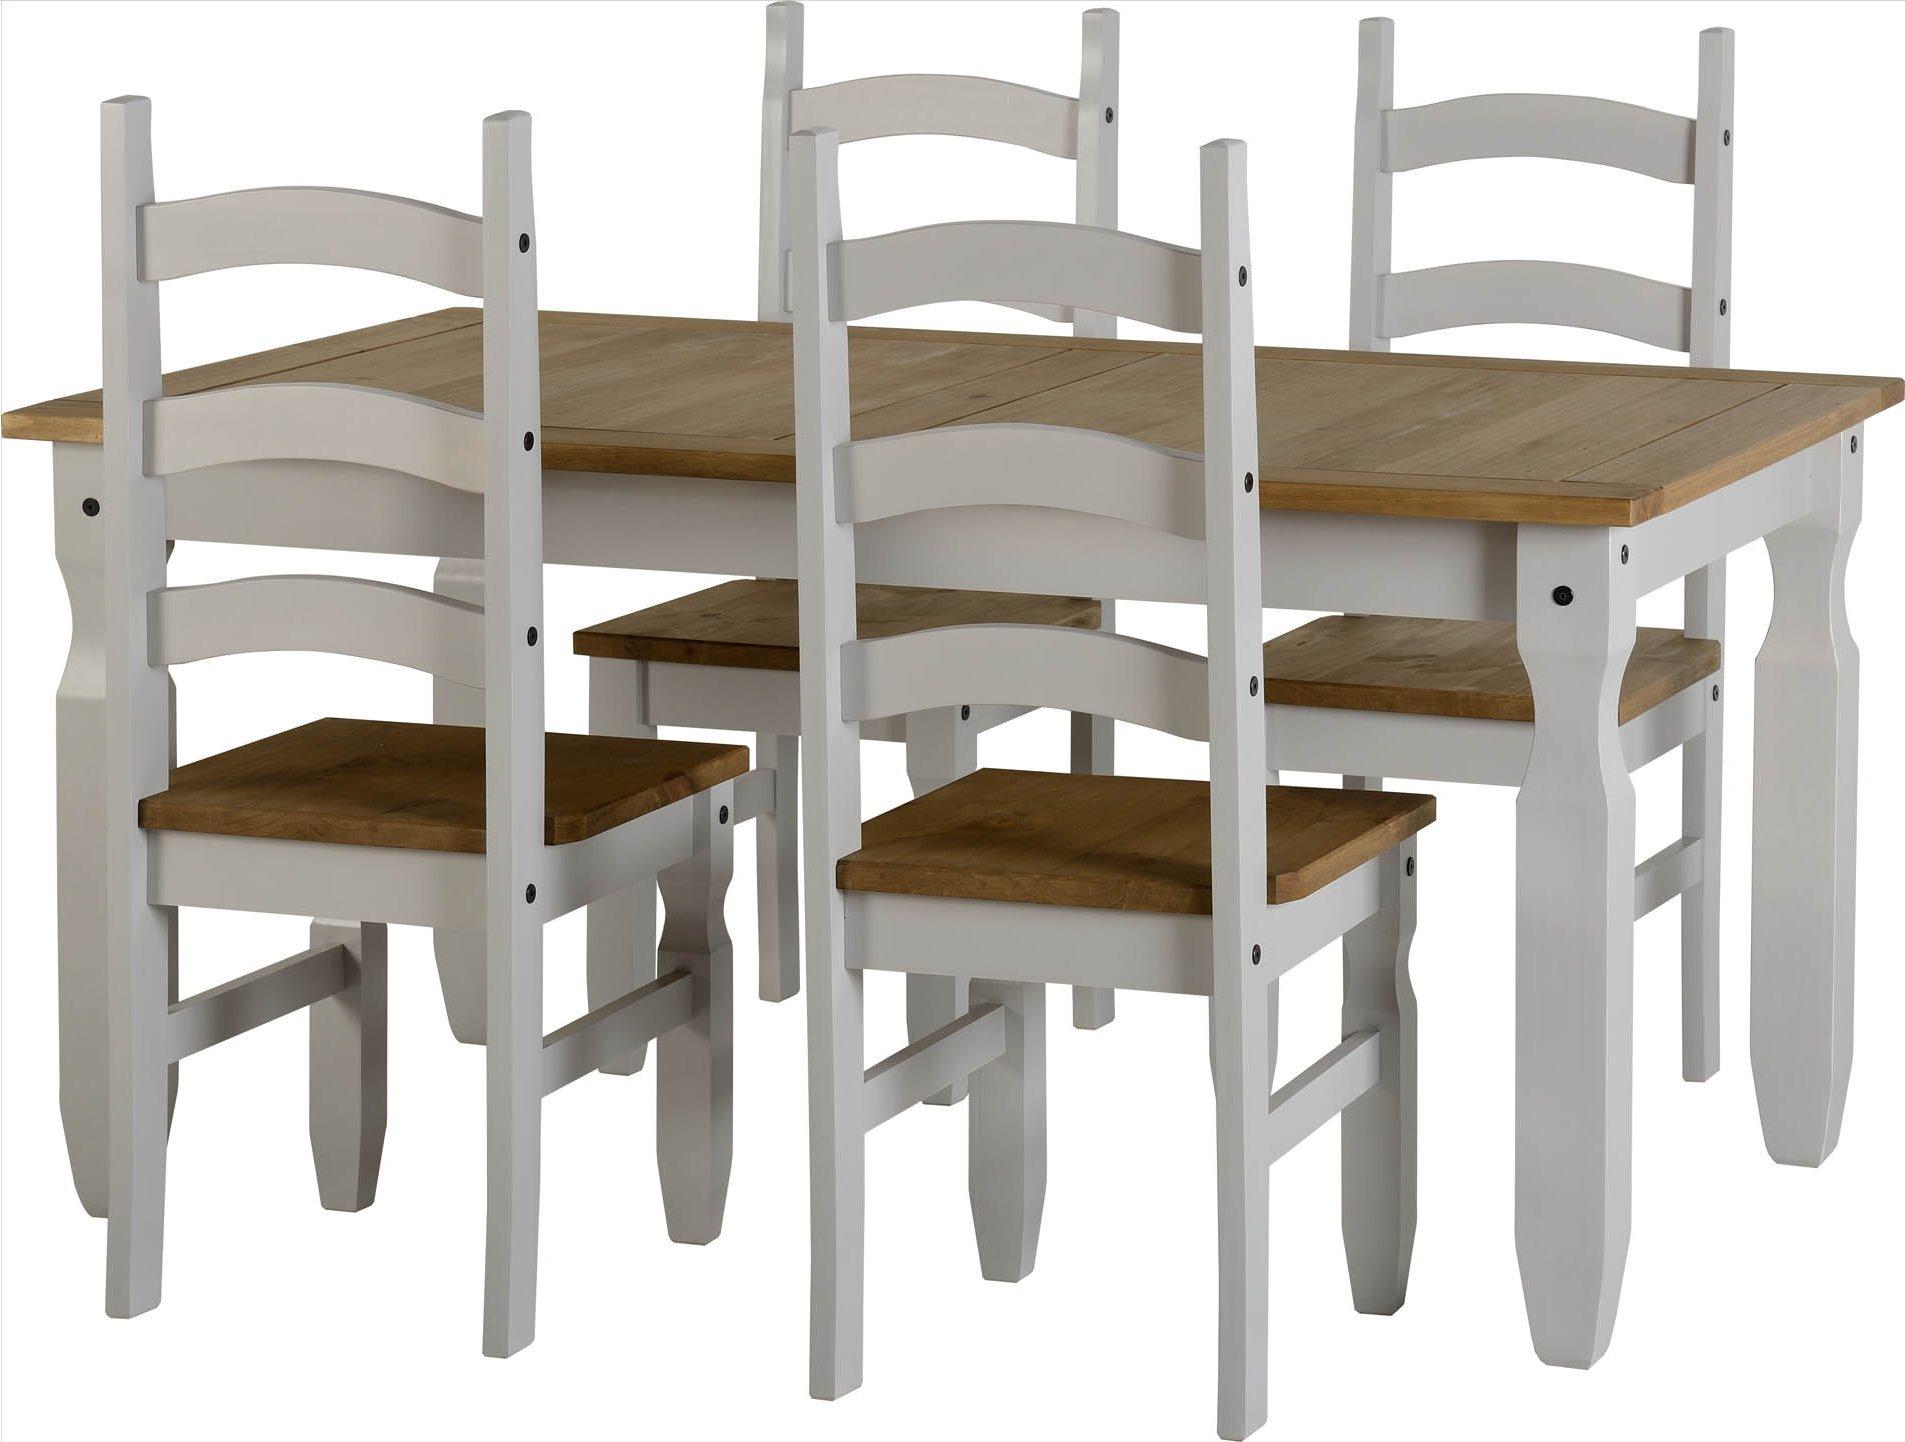 valufurniture valufurniture corona dining set grey dining room tables. Black Bedroom Furniture Sets. Home Design Ideas